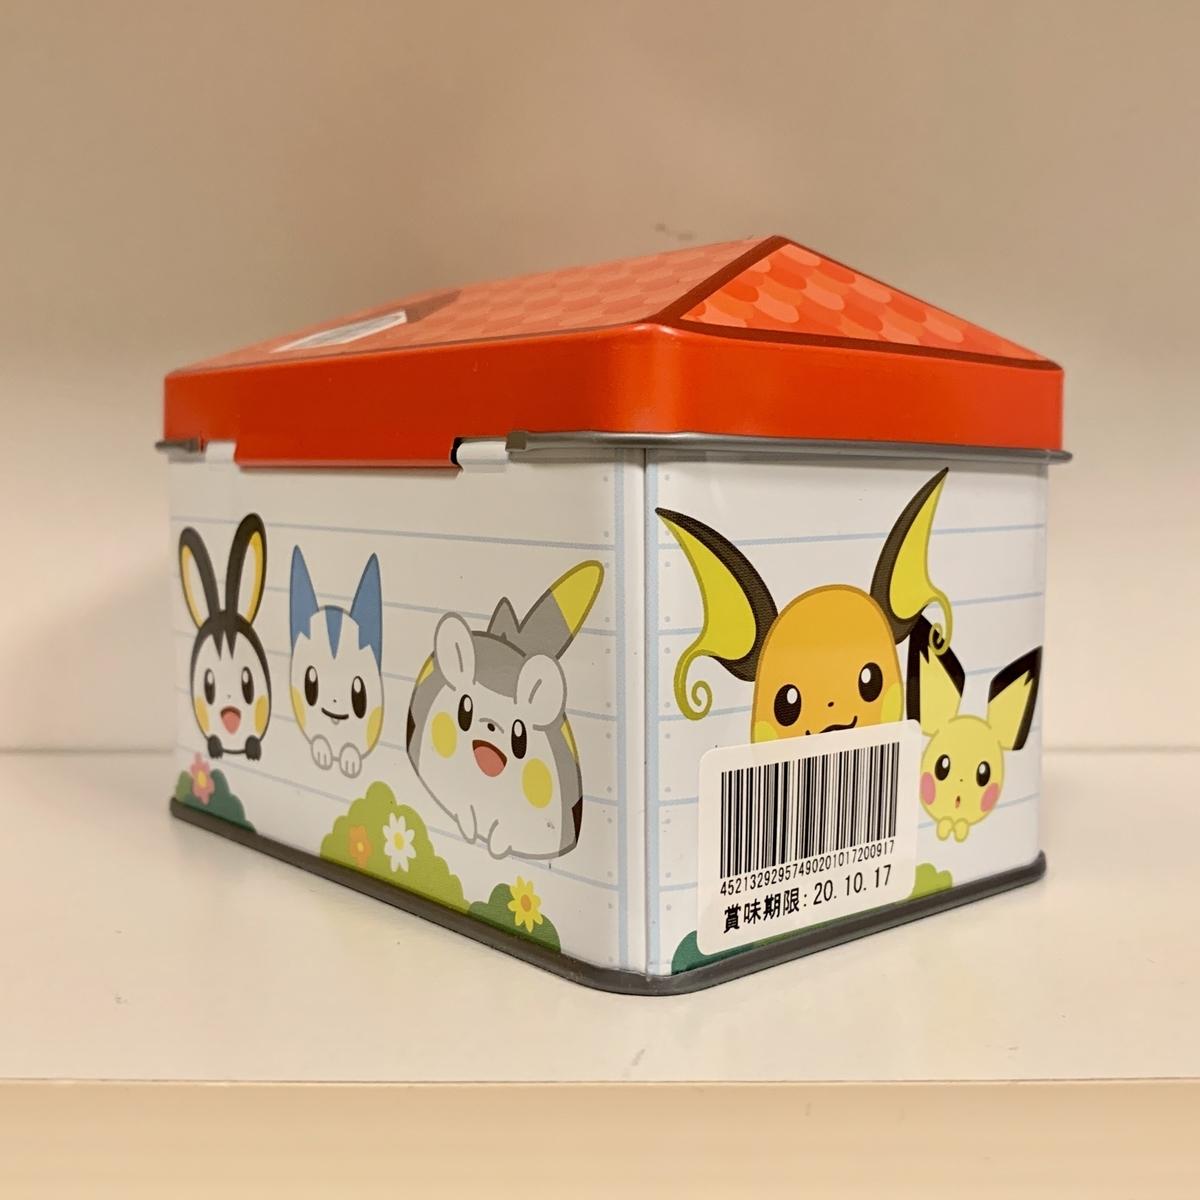 f:id:pikachu_pcn:20200106221804j:plain